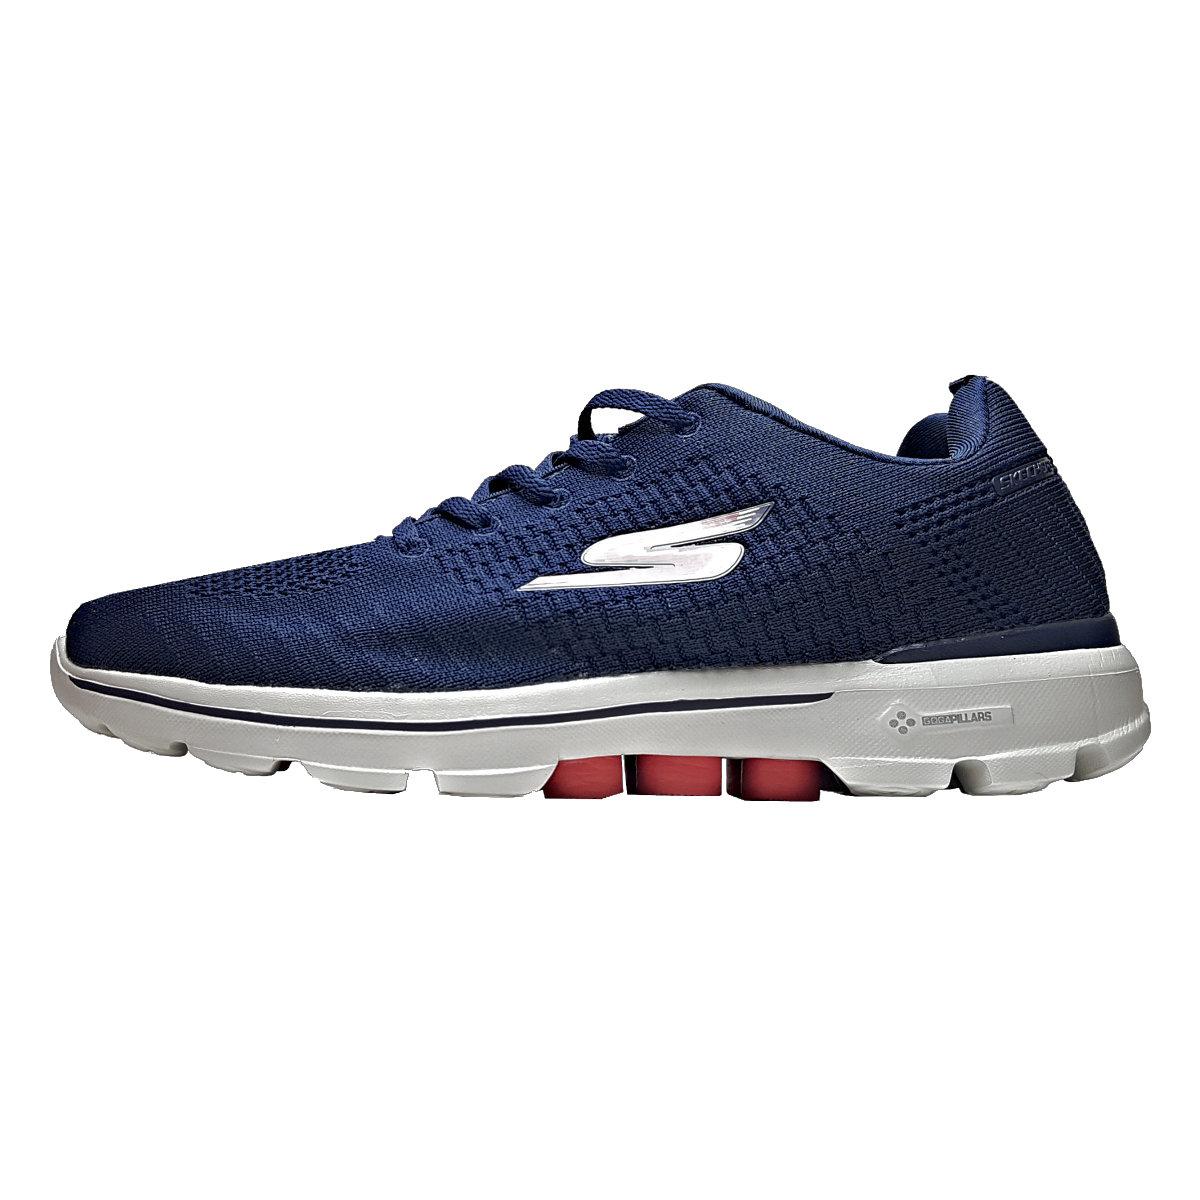 فروش کفش مخصوص پیاده روی مردانه اسکچرز مدل Go Walk 3 Pulse